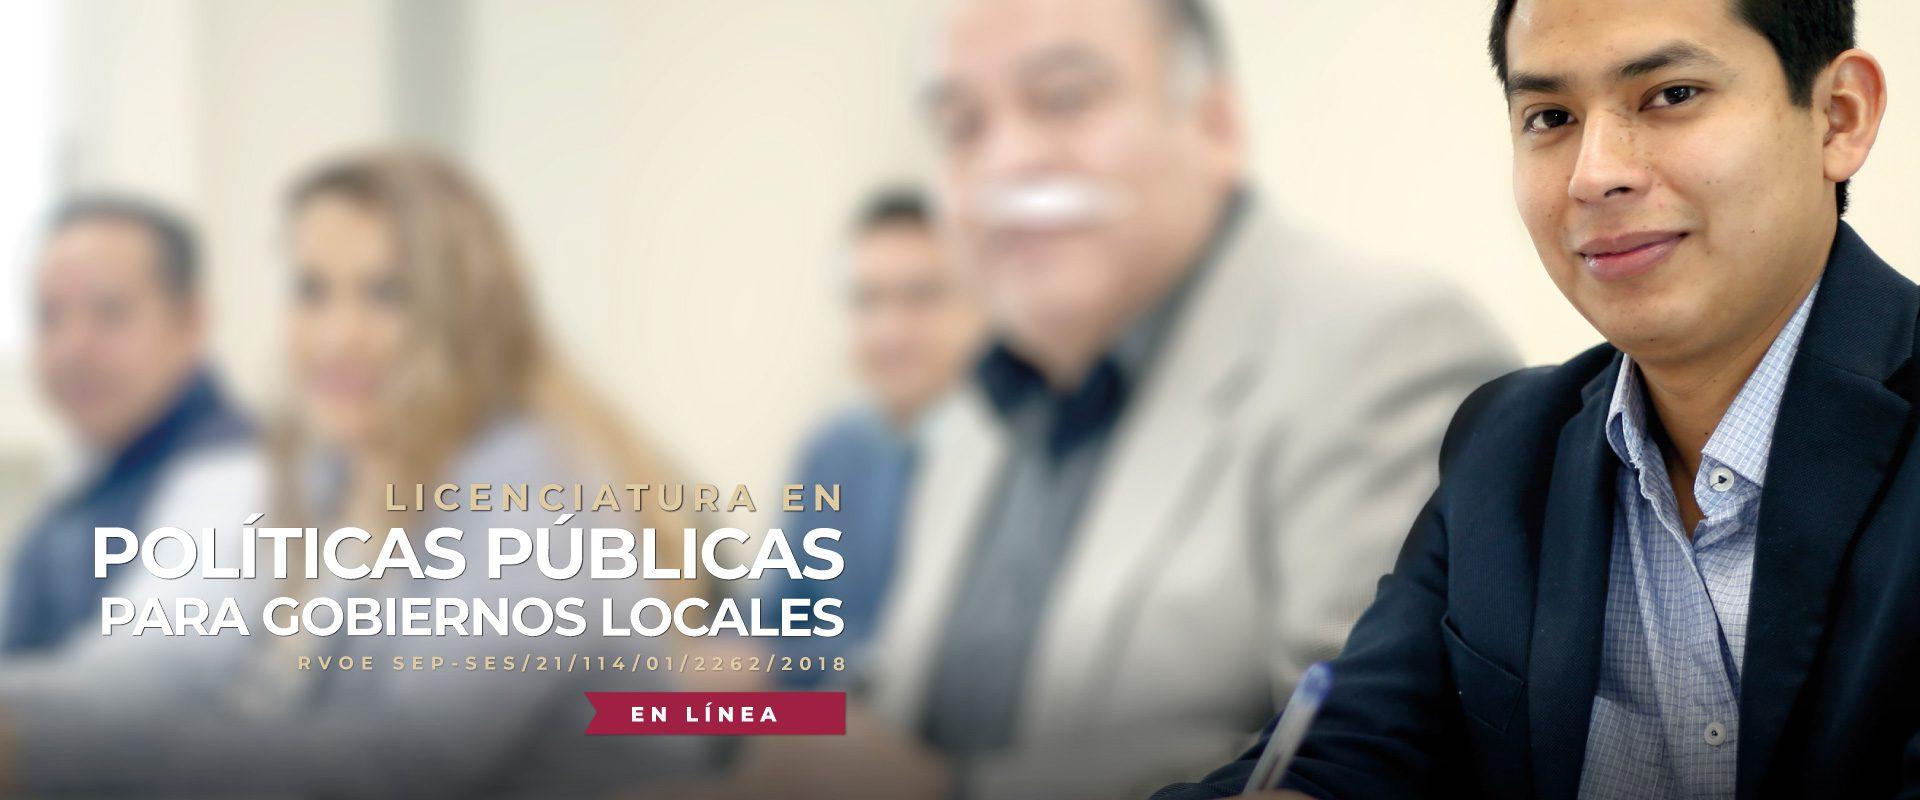 Licenciatura en Políticas Públicas para Gobierno Locales